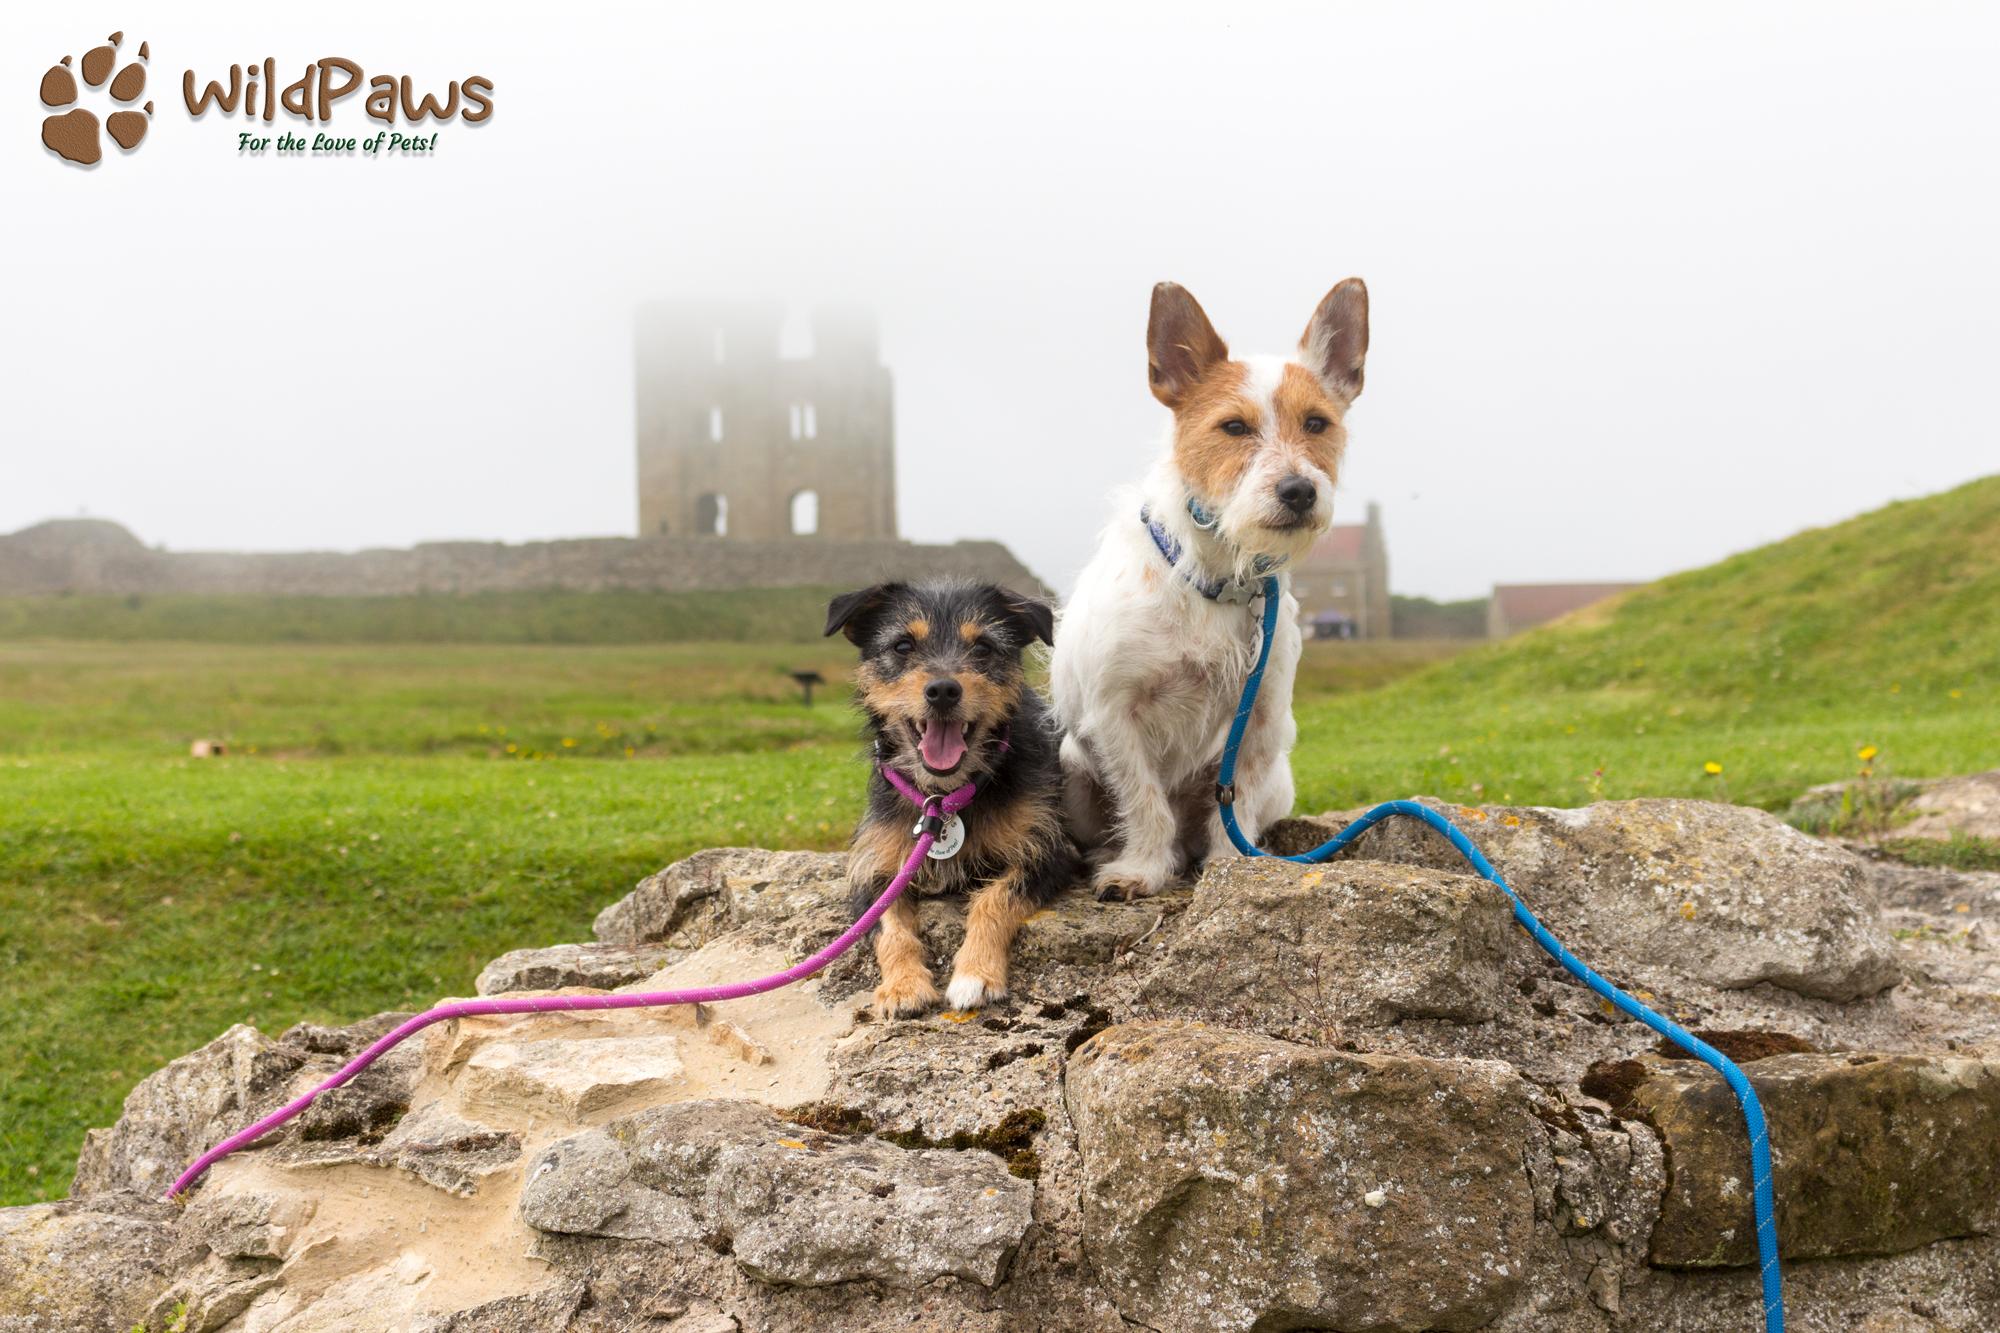 Wilbur & Paisley WildPaws Pet Shop Ambassadors at Scarborough Castle